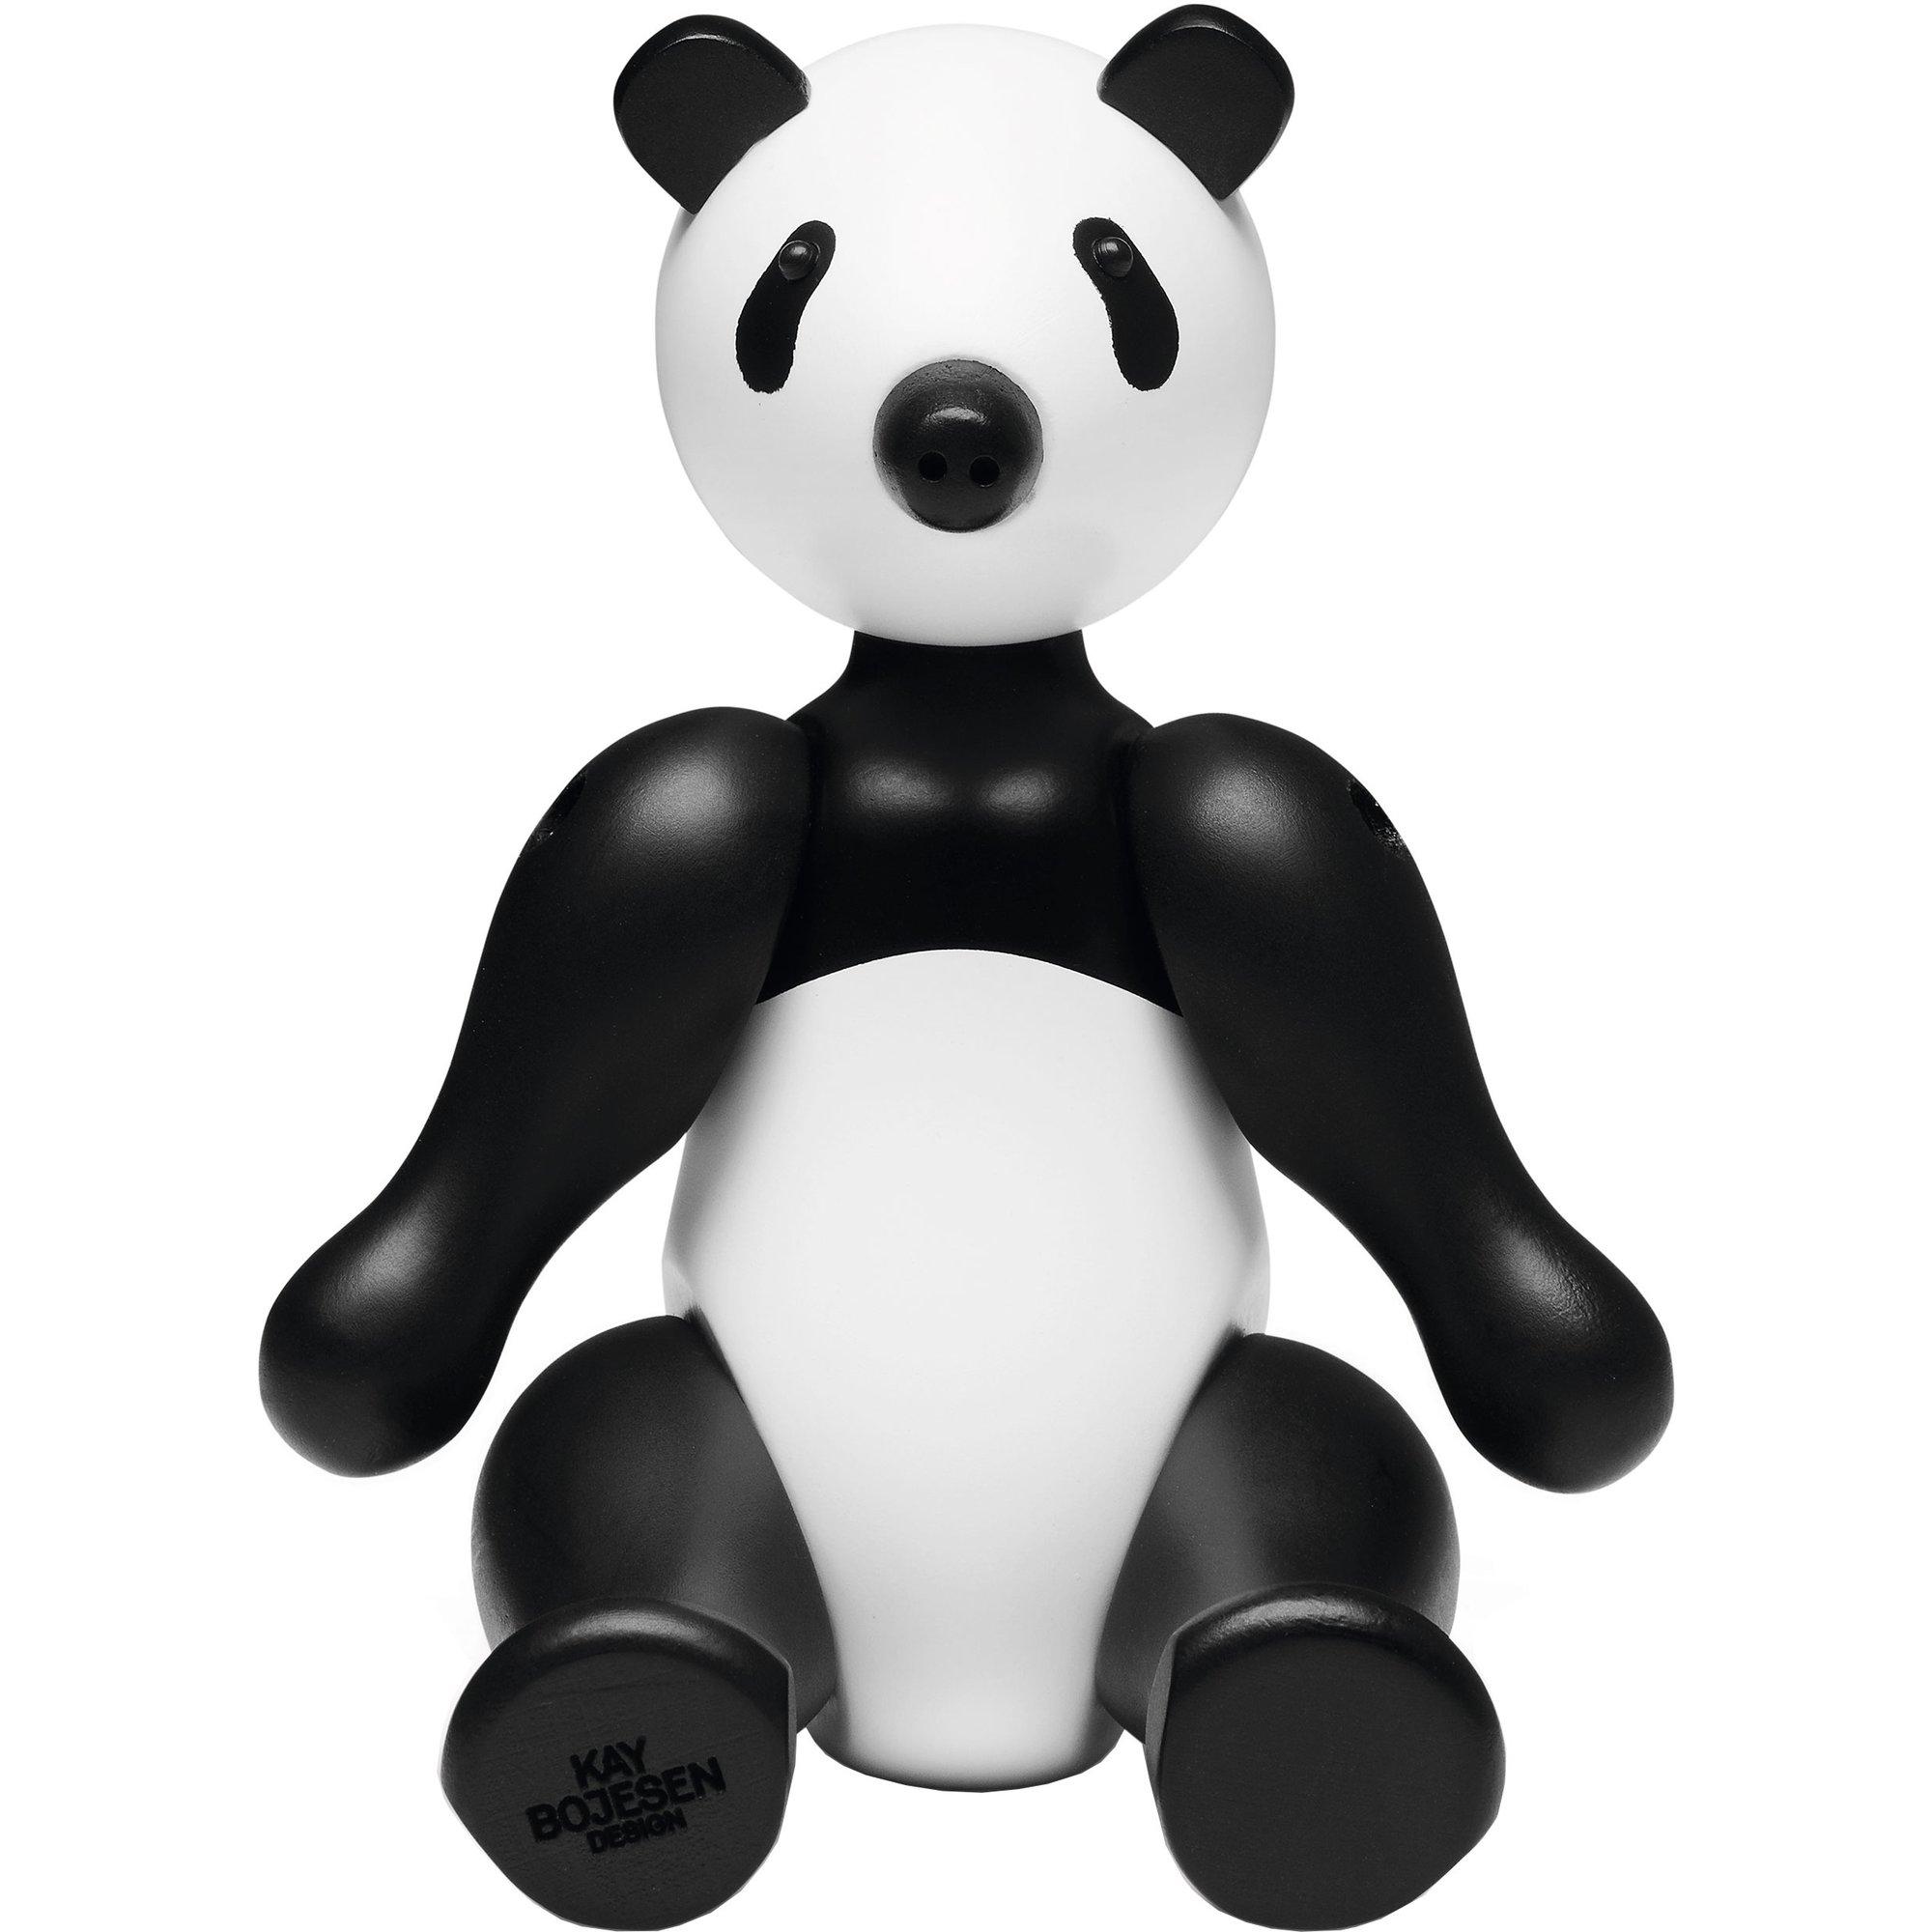 Kay Bojesen Kay Bojesen Panda Medium Svart/Vit